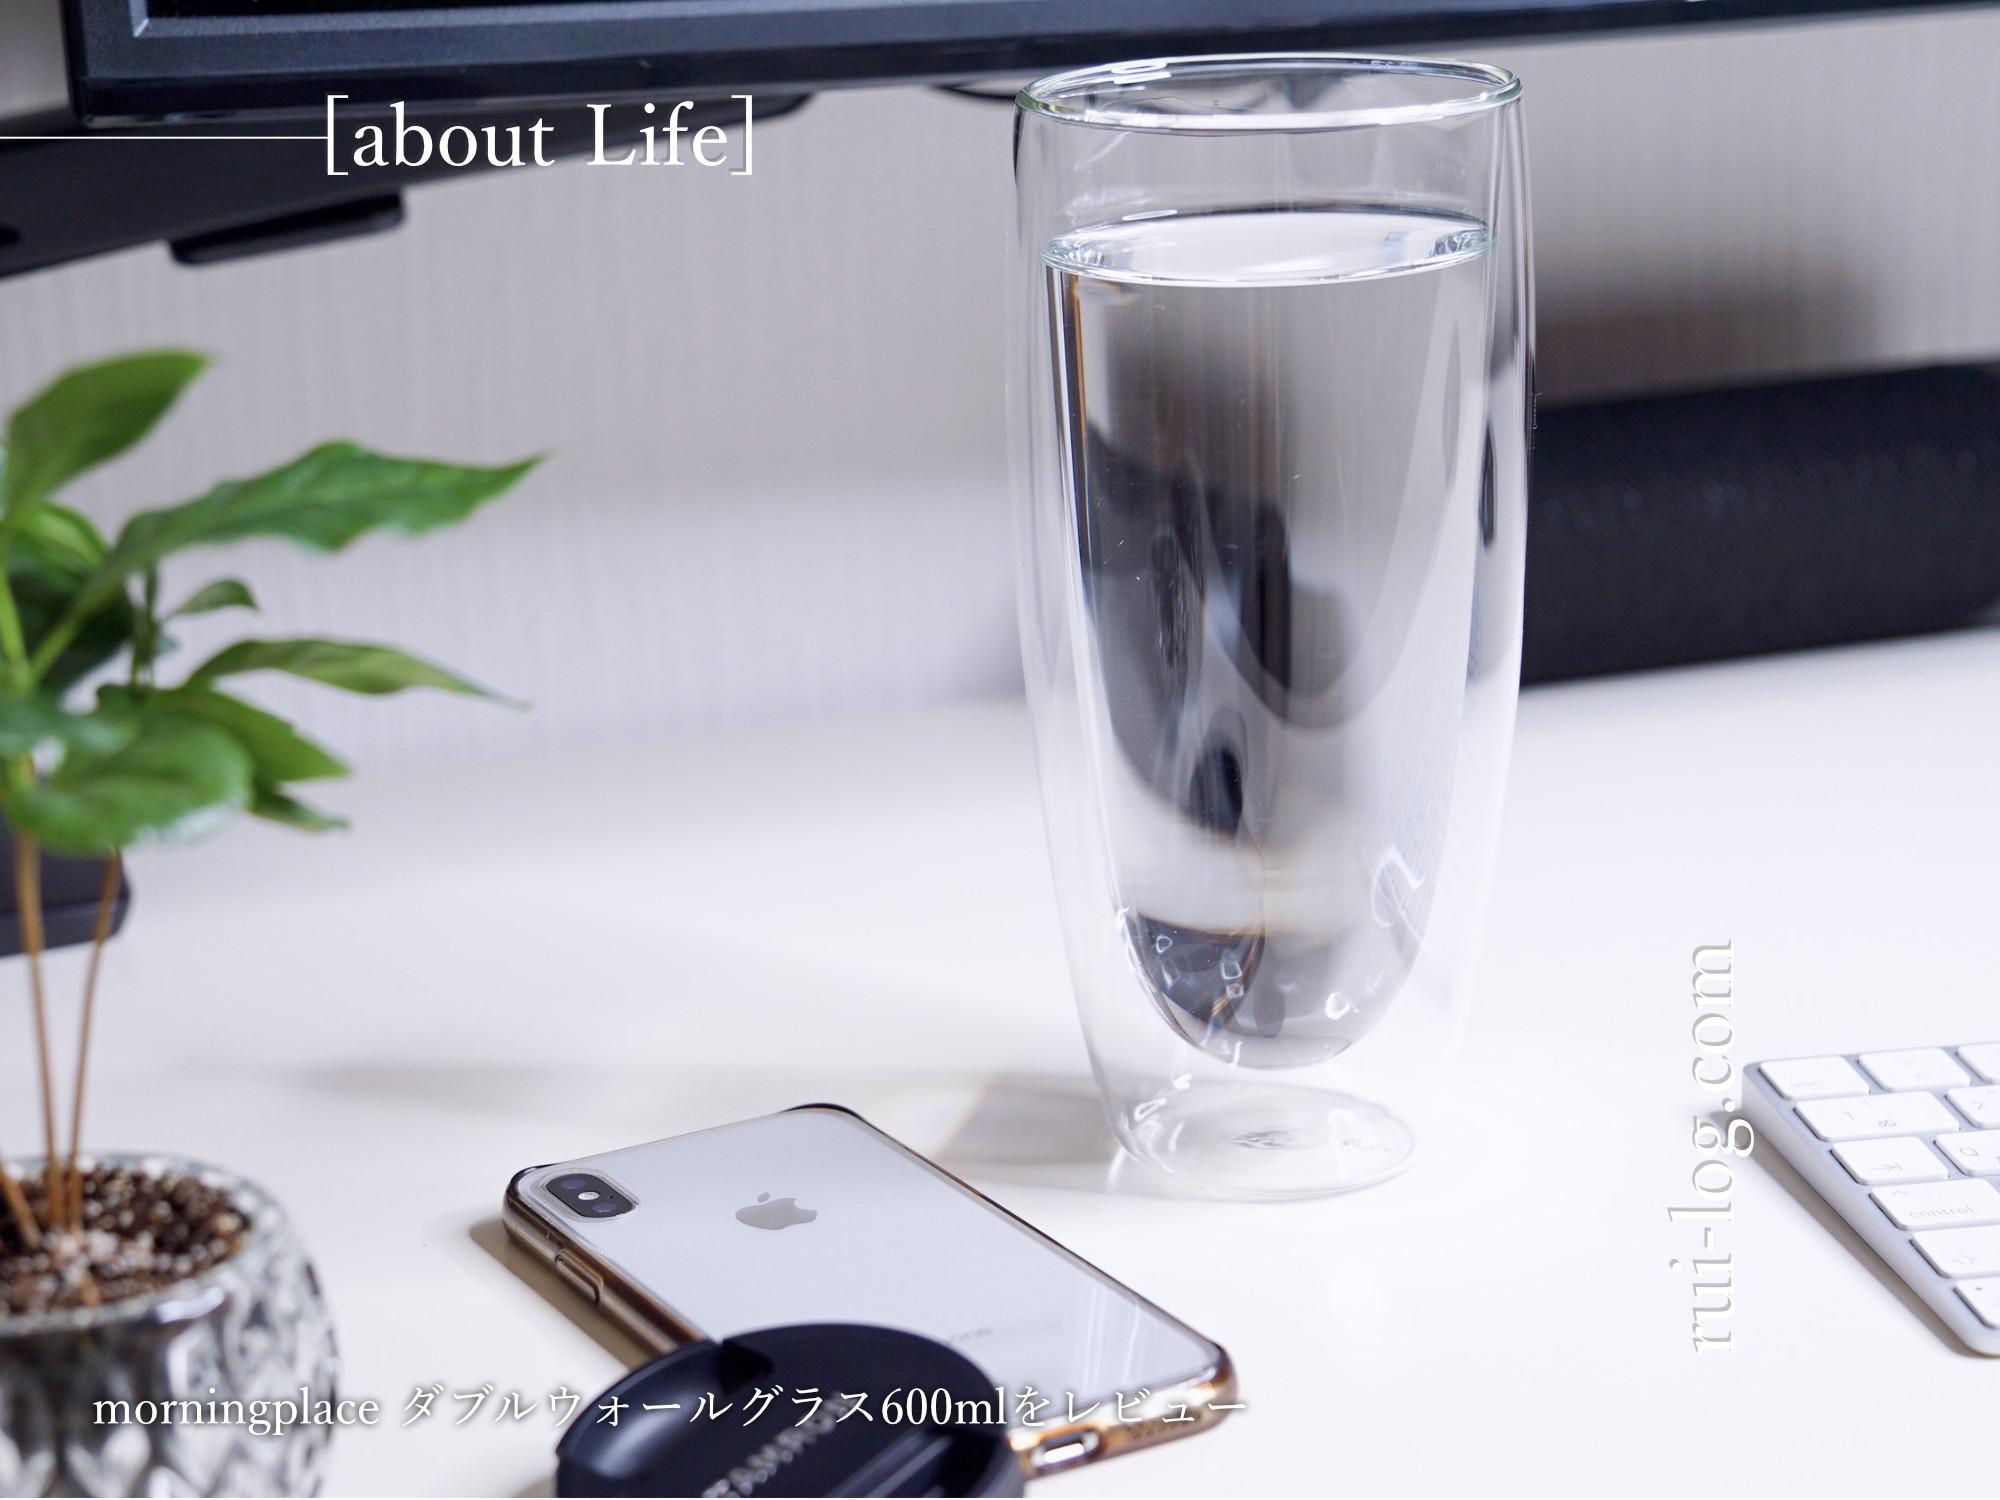 600mlの大容量ダブルウォールグラス(morningplace)をルイログがレビュー